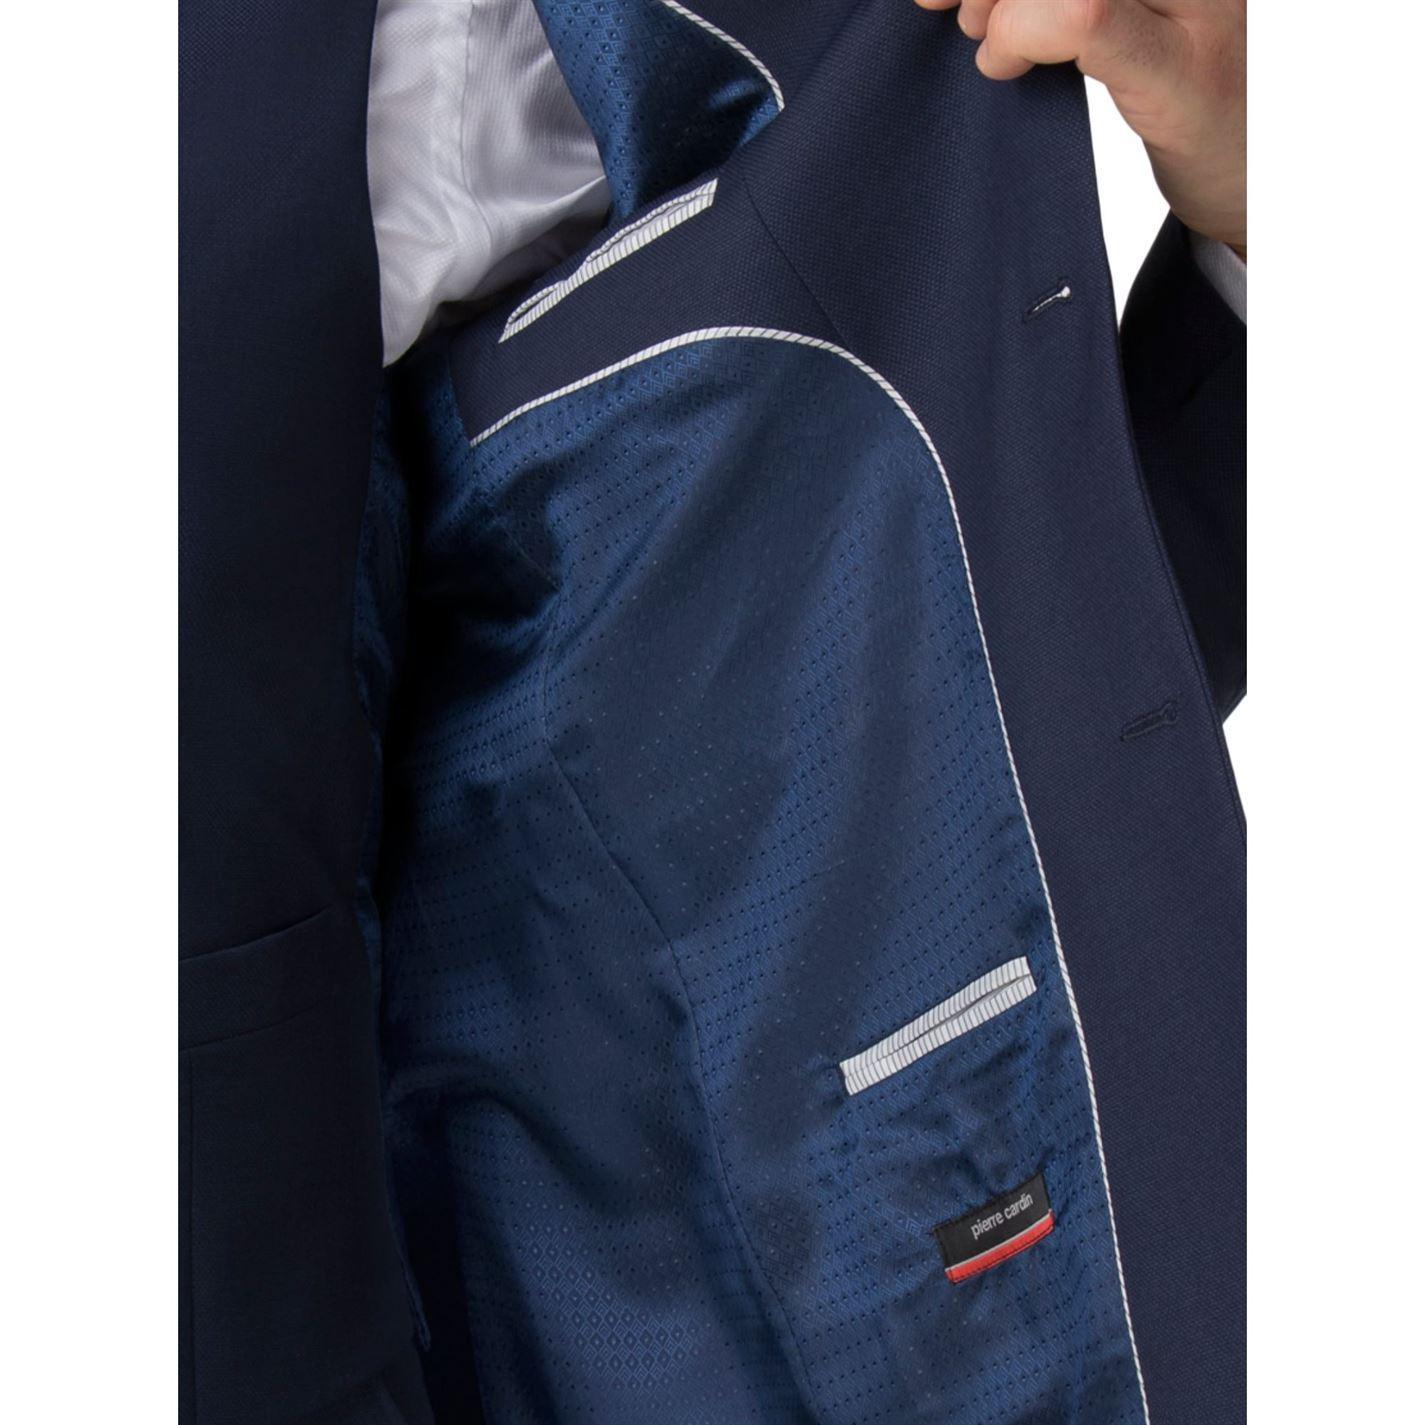 Pierre Cardin Wool Edmund Blue Textured Jacket for Men